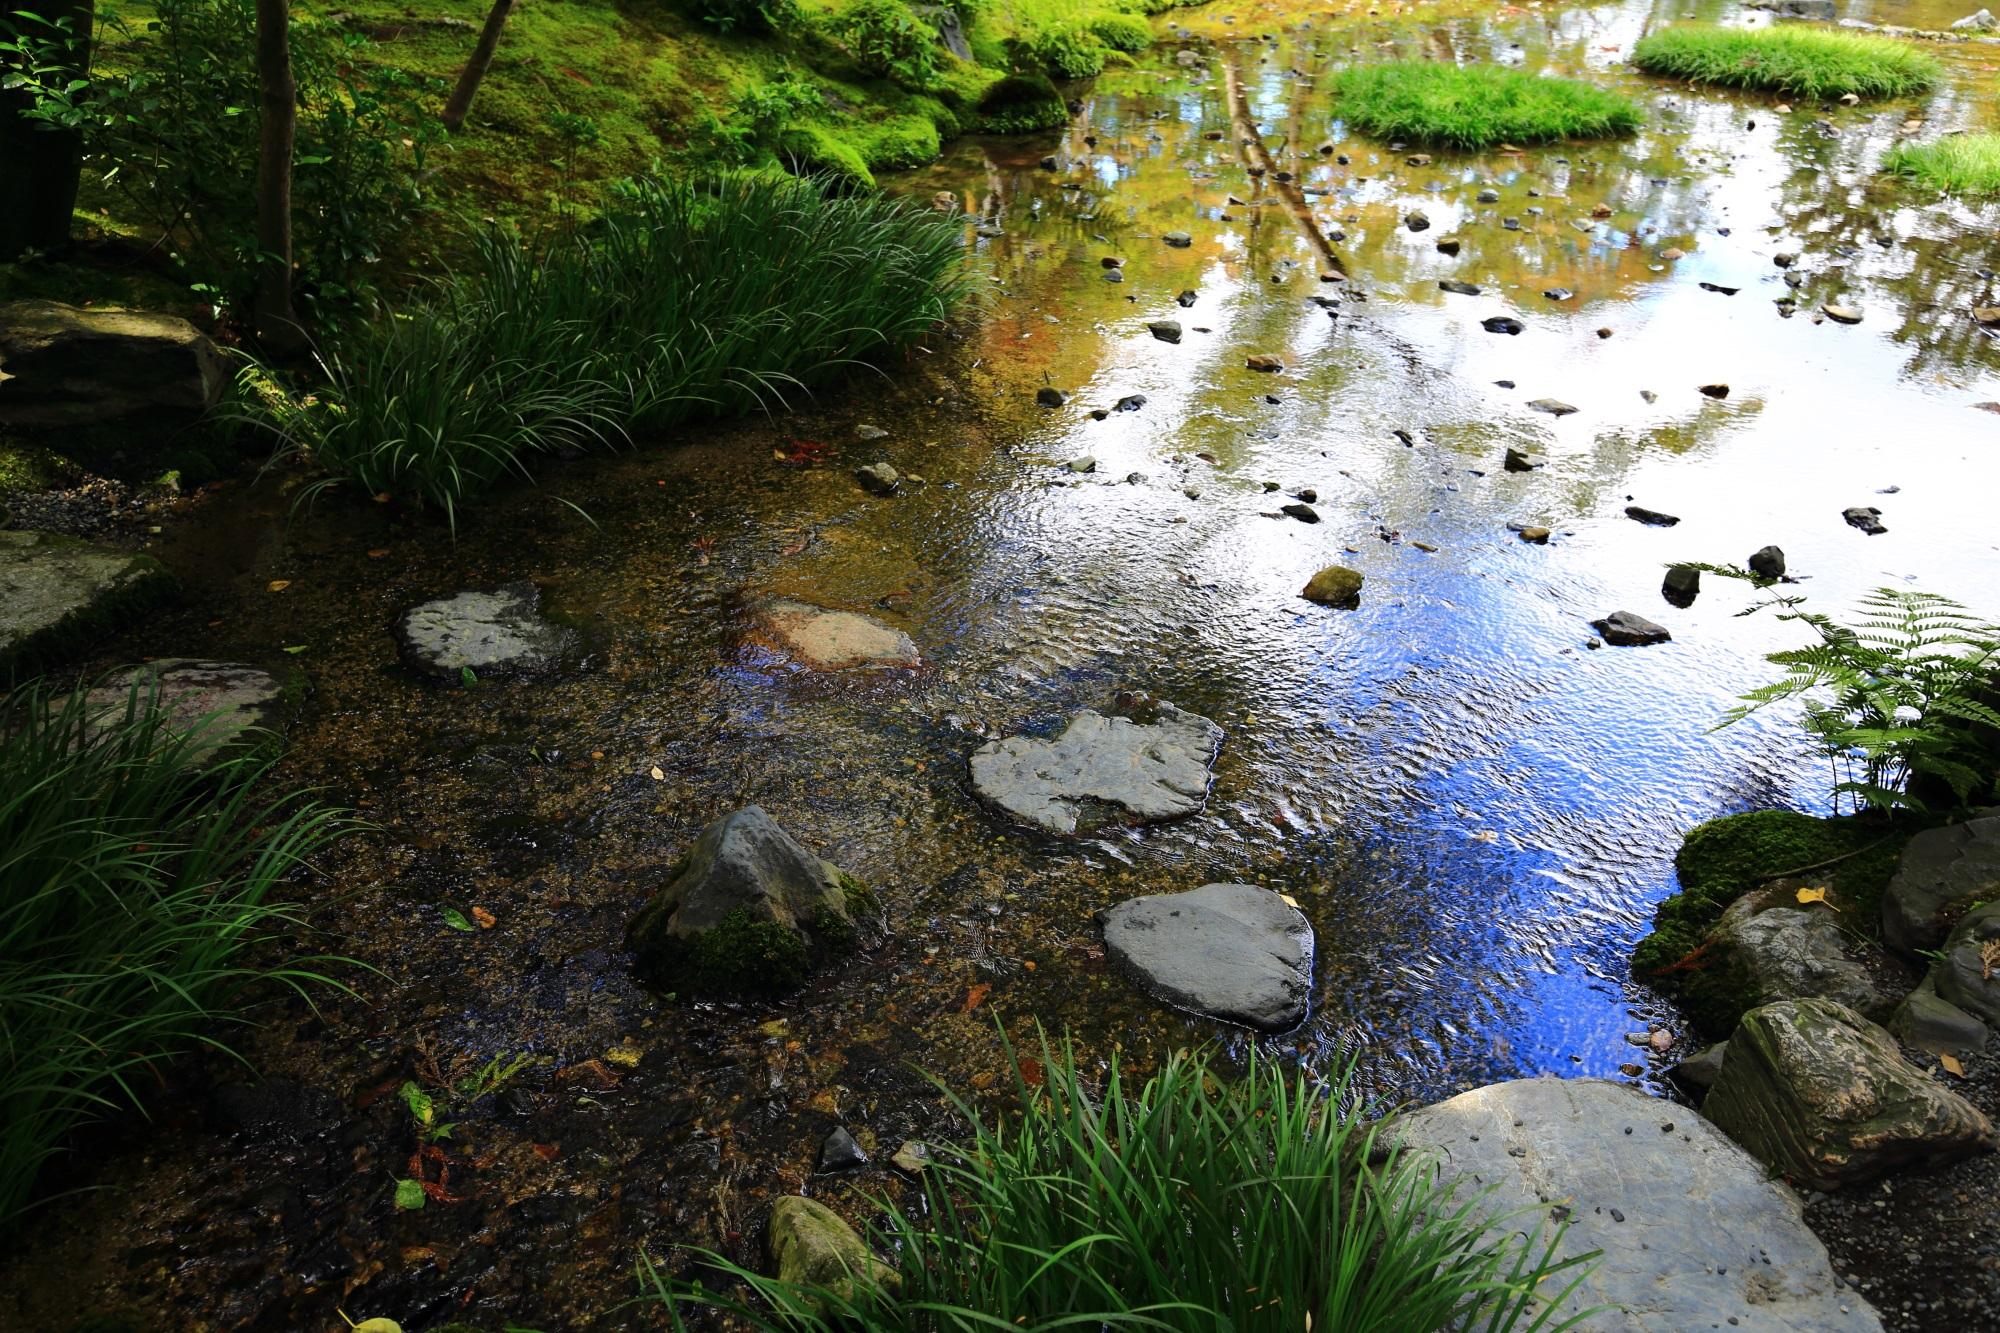 無鄰菴(むりんあん)の美しい池泉回遊式庭園 2015年8月